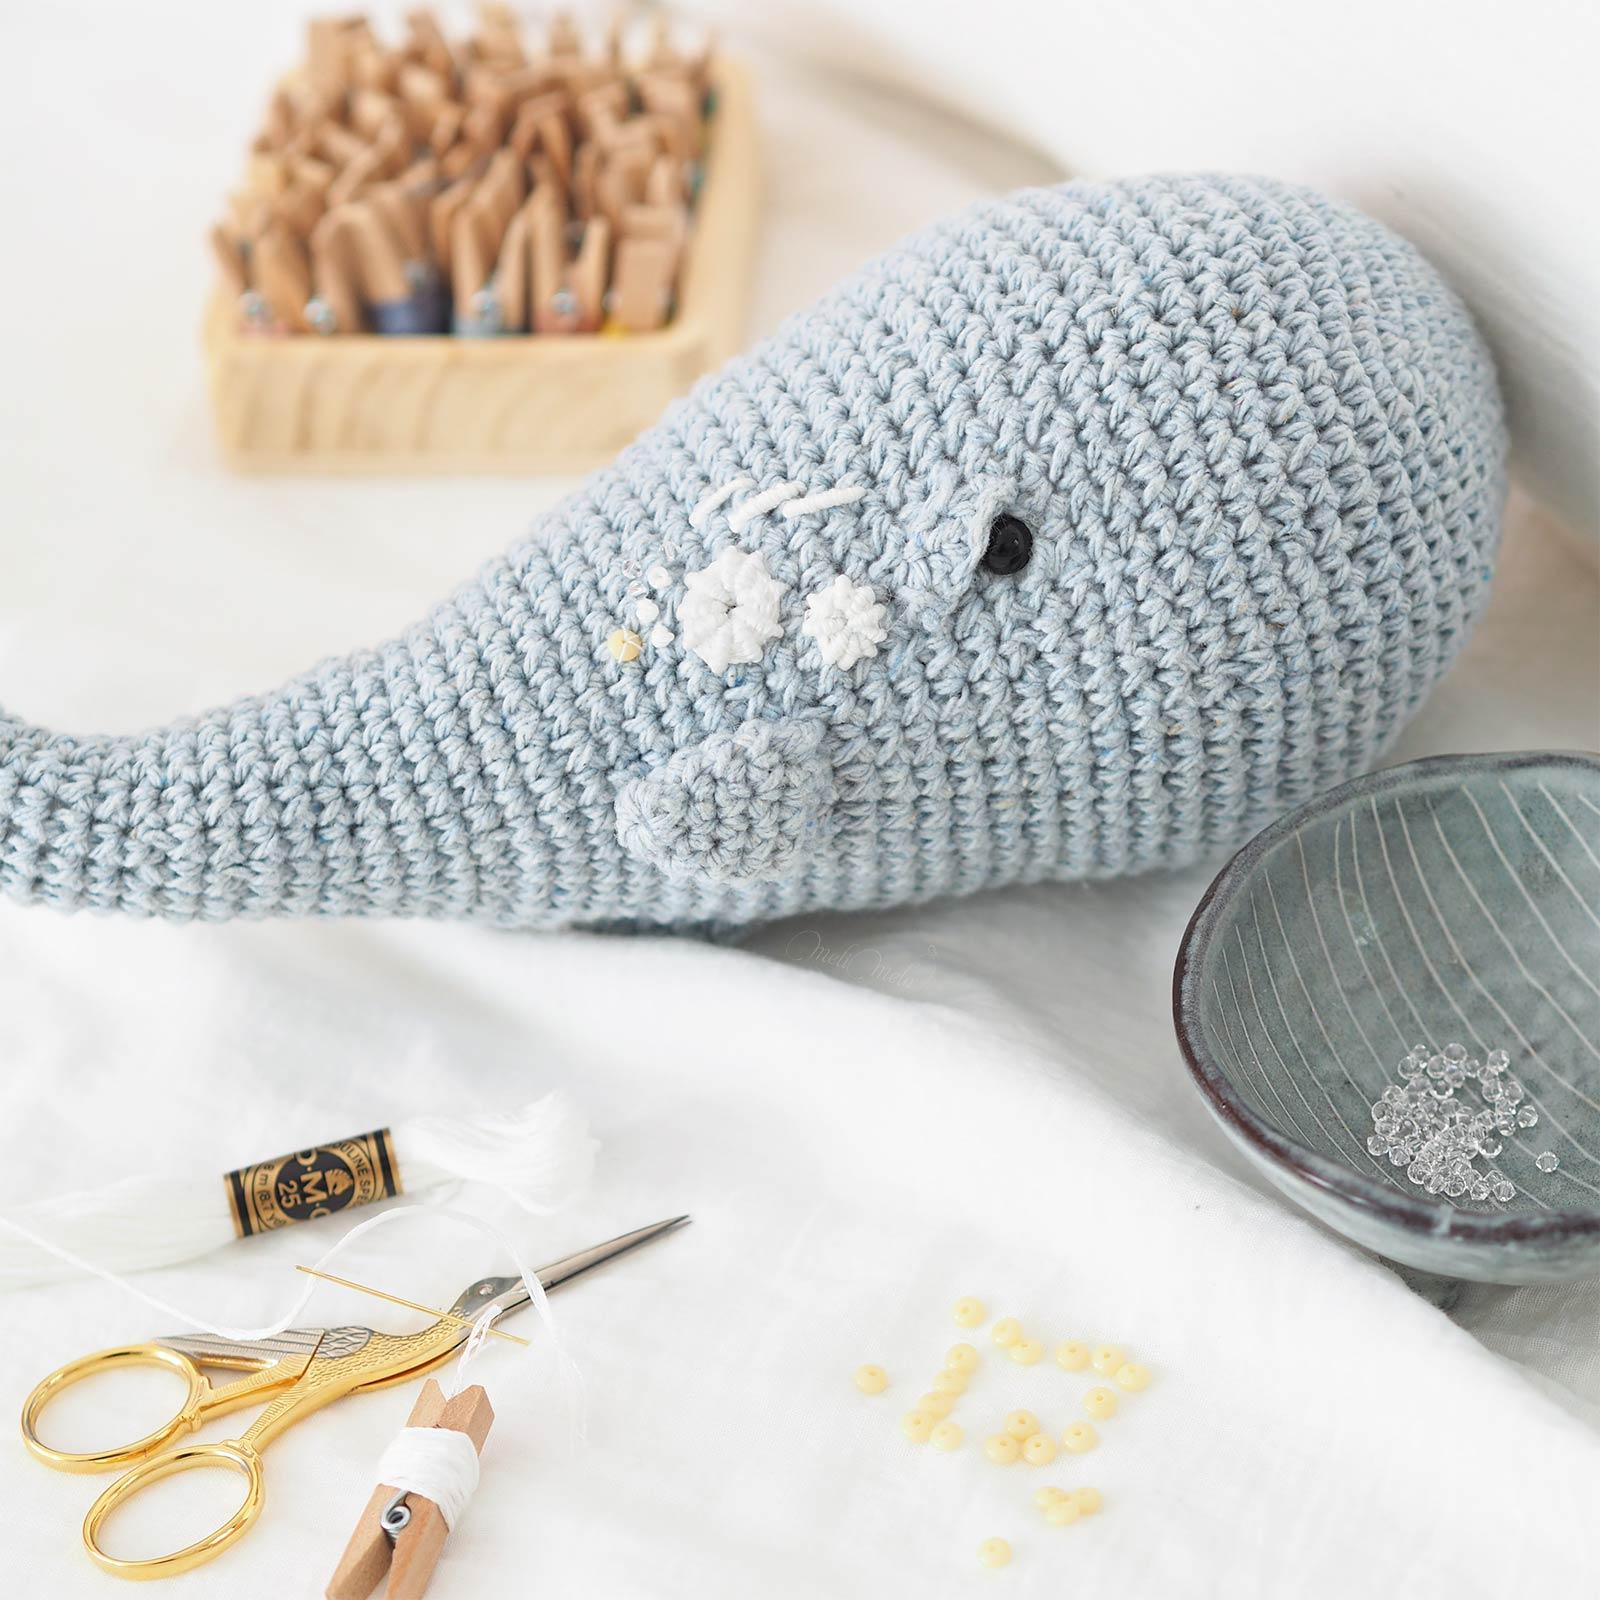 encours-amigurumi-baleine-crochet-coton-laboutiquedemelimelo